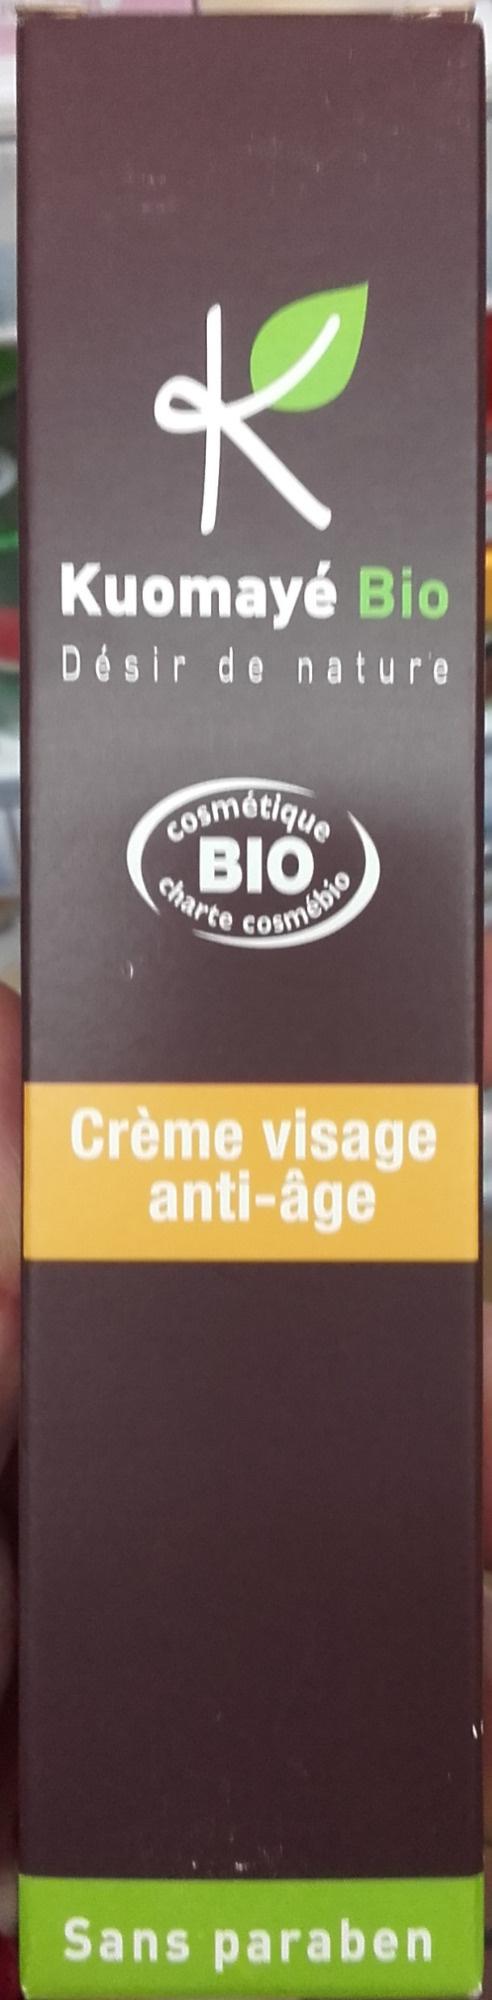 Crème visage anti-âge - Product